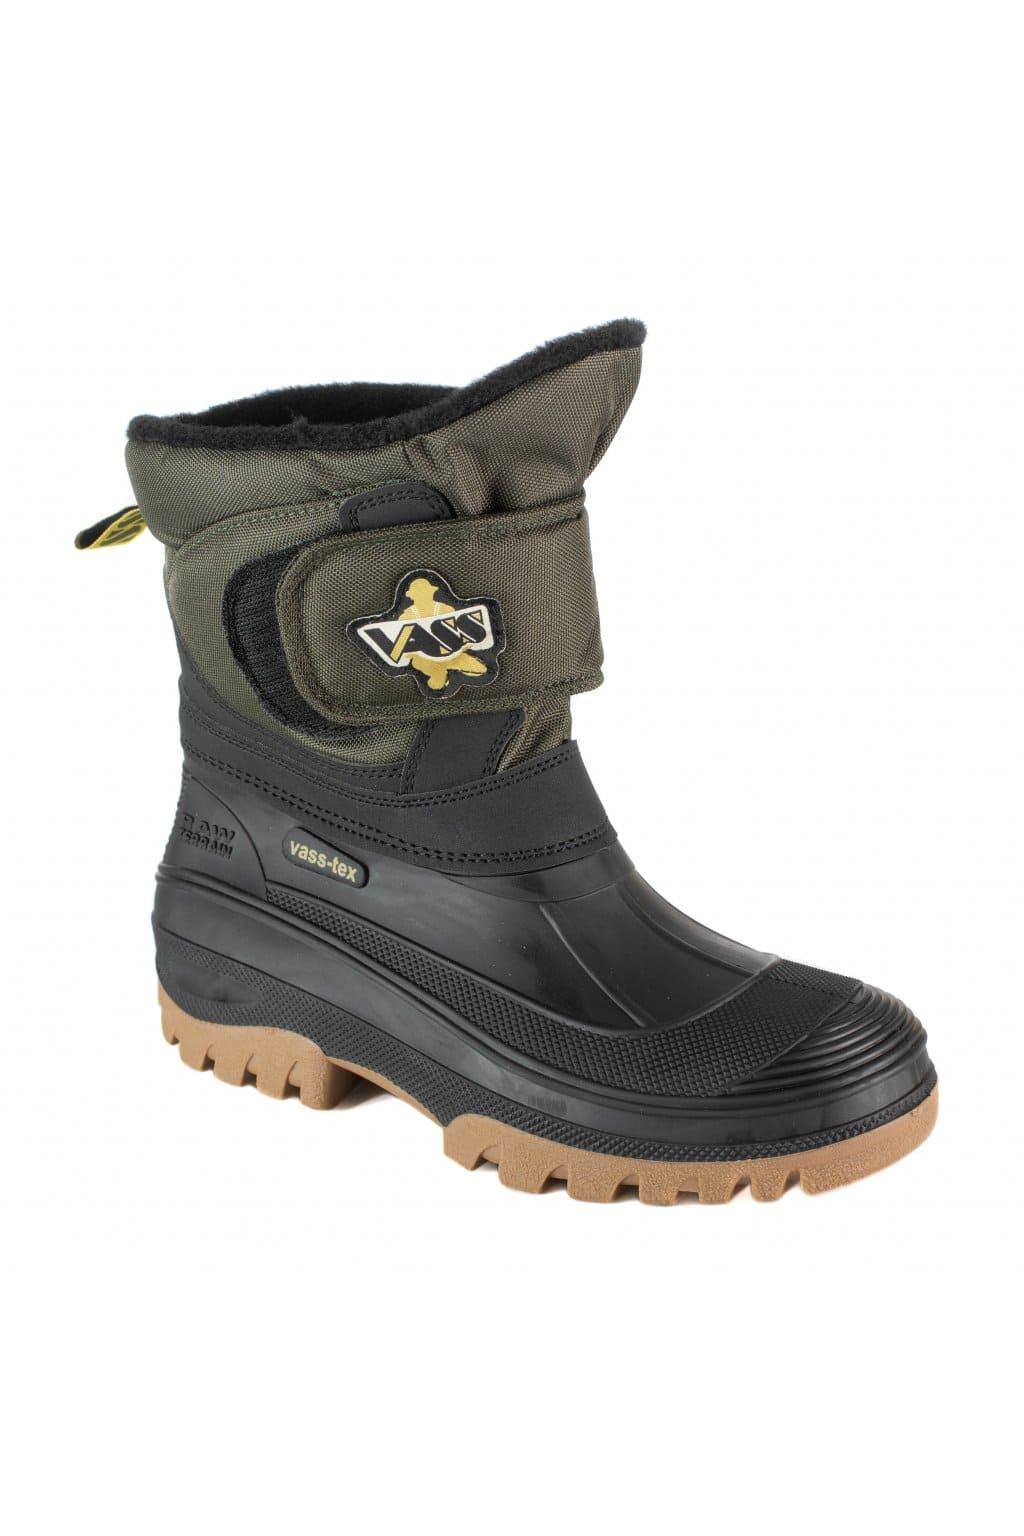 Vodotěsné zateplené boty VASS